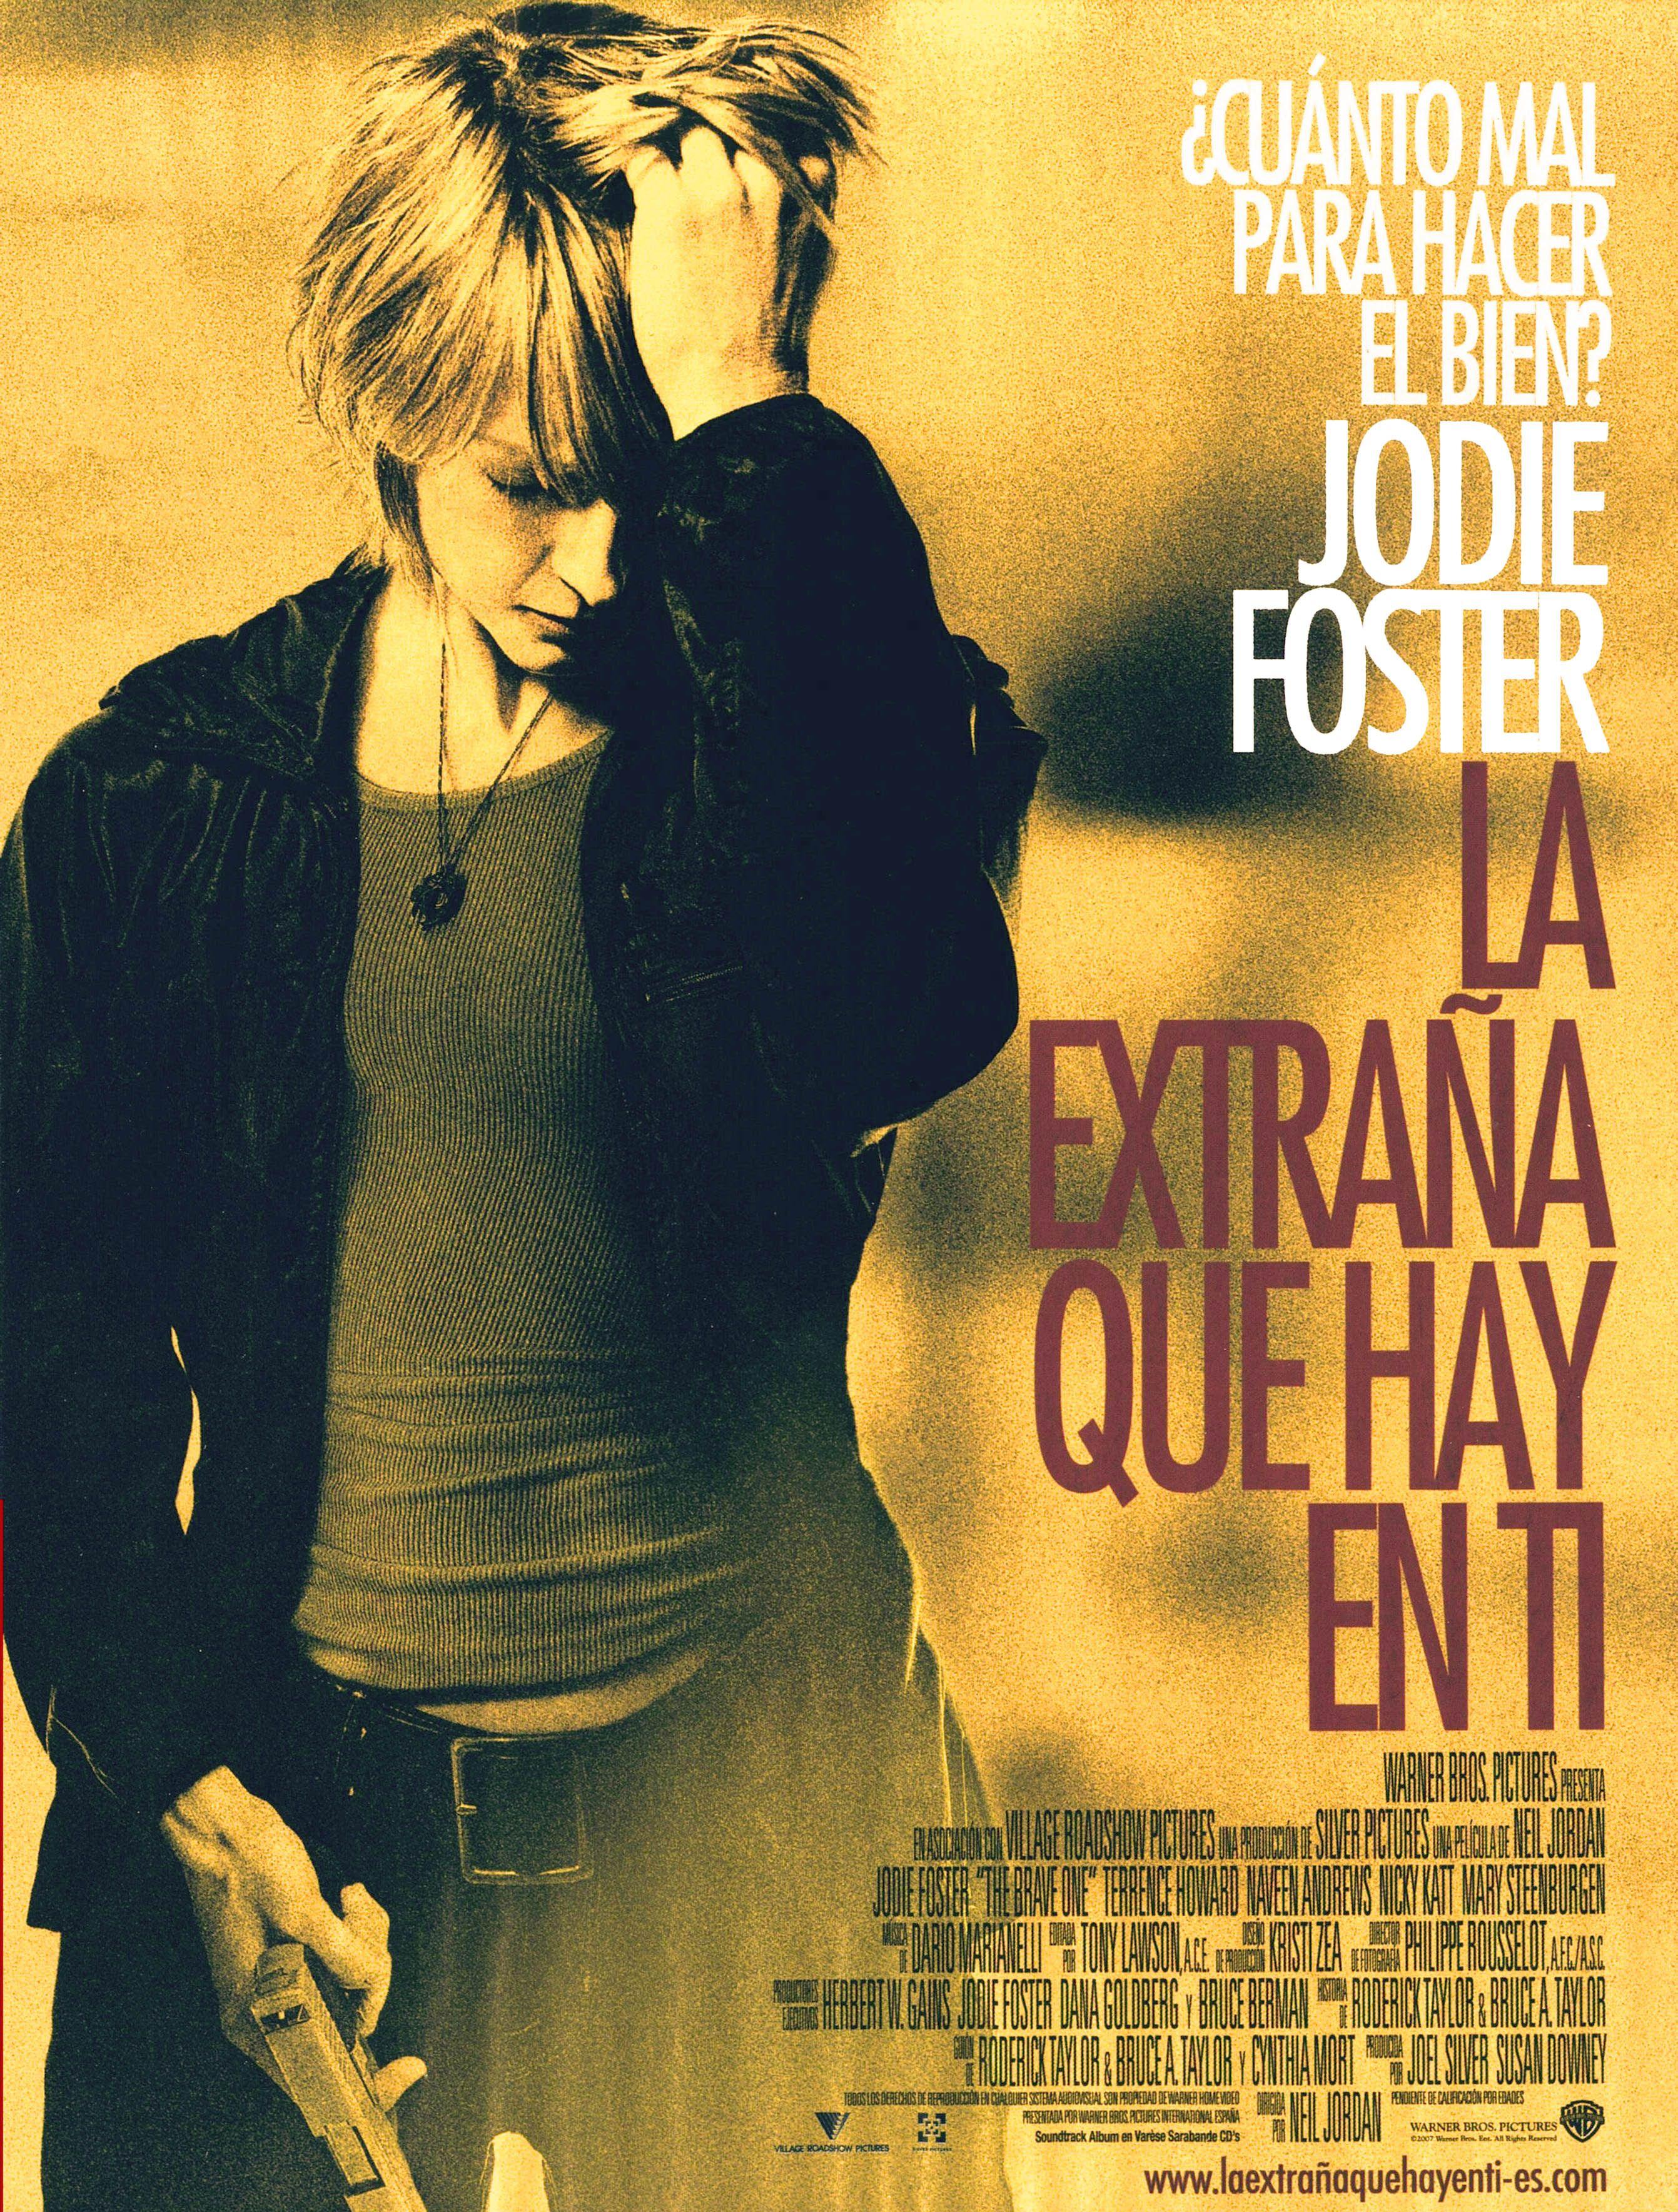 Cartel Espanol De La Extrana Que Hay En Ti Peliculas Cine The Fosters Peliculas Completas